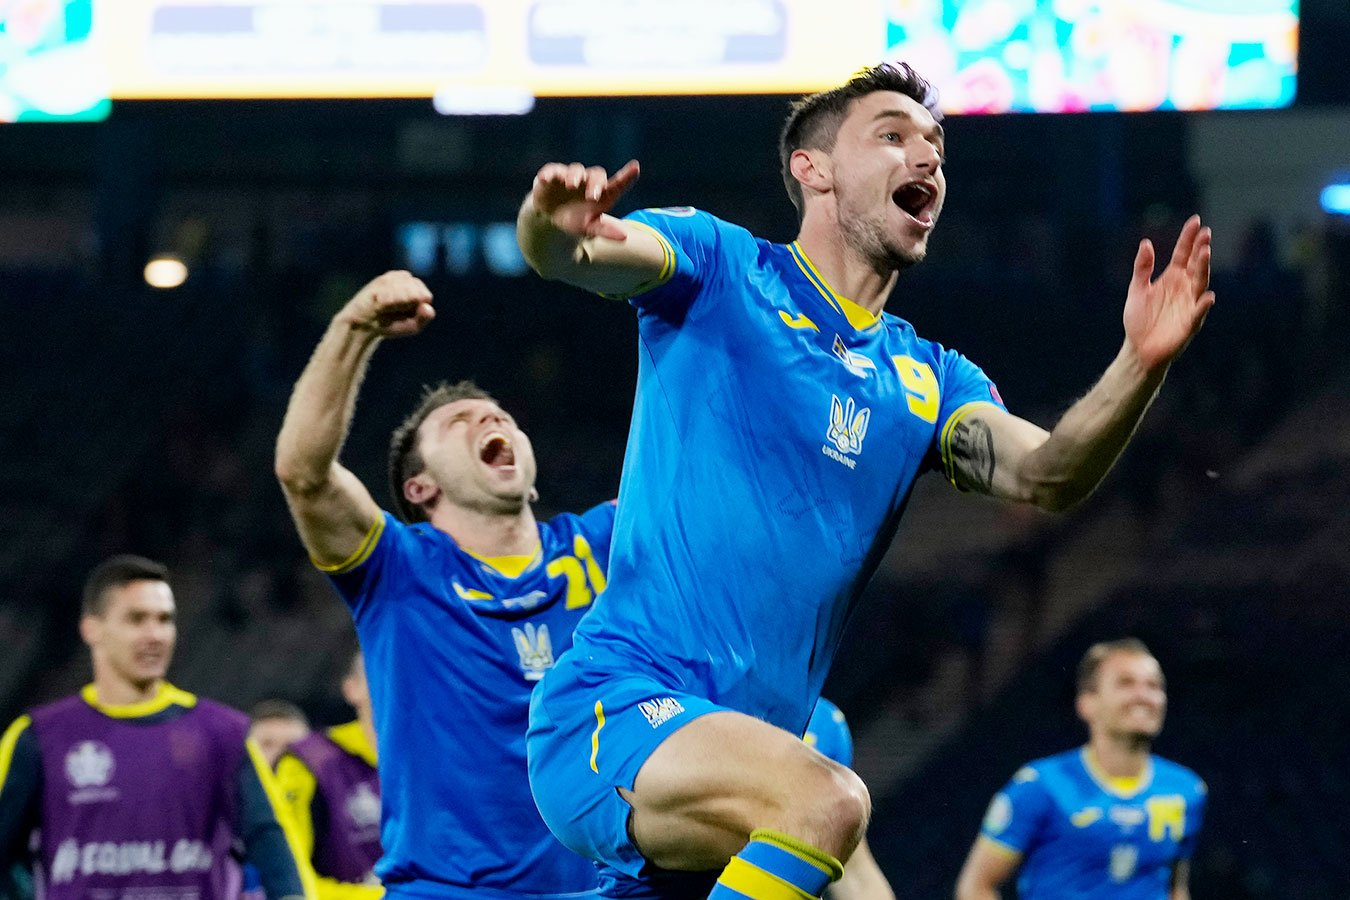 В список самых подорожавших после Евро игроков вошли 4 украинца. Россиян в нём нет